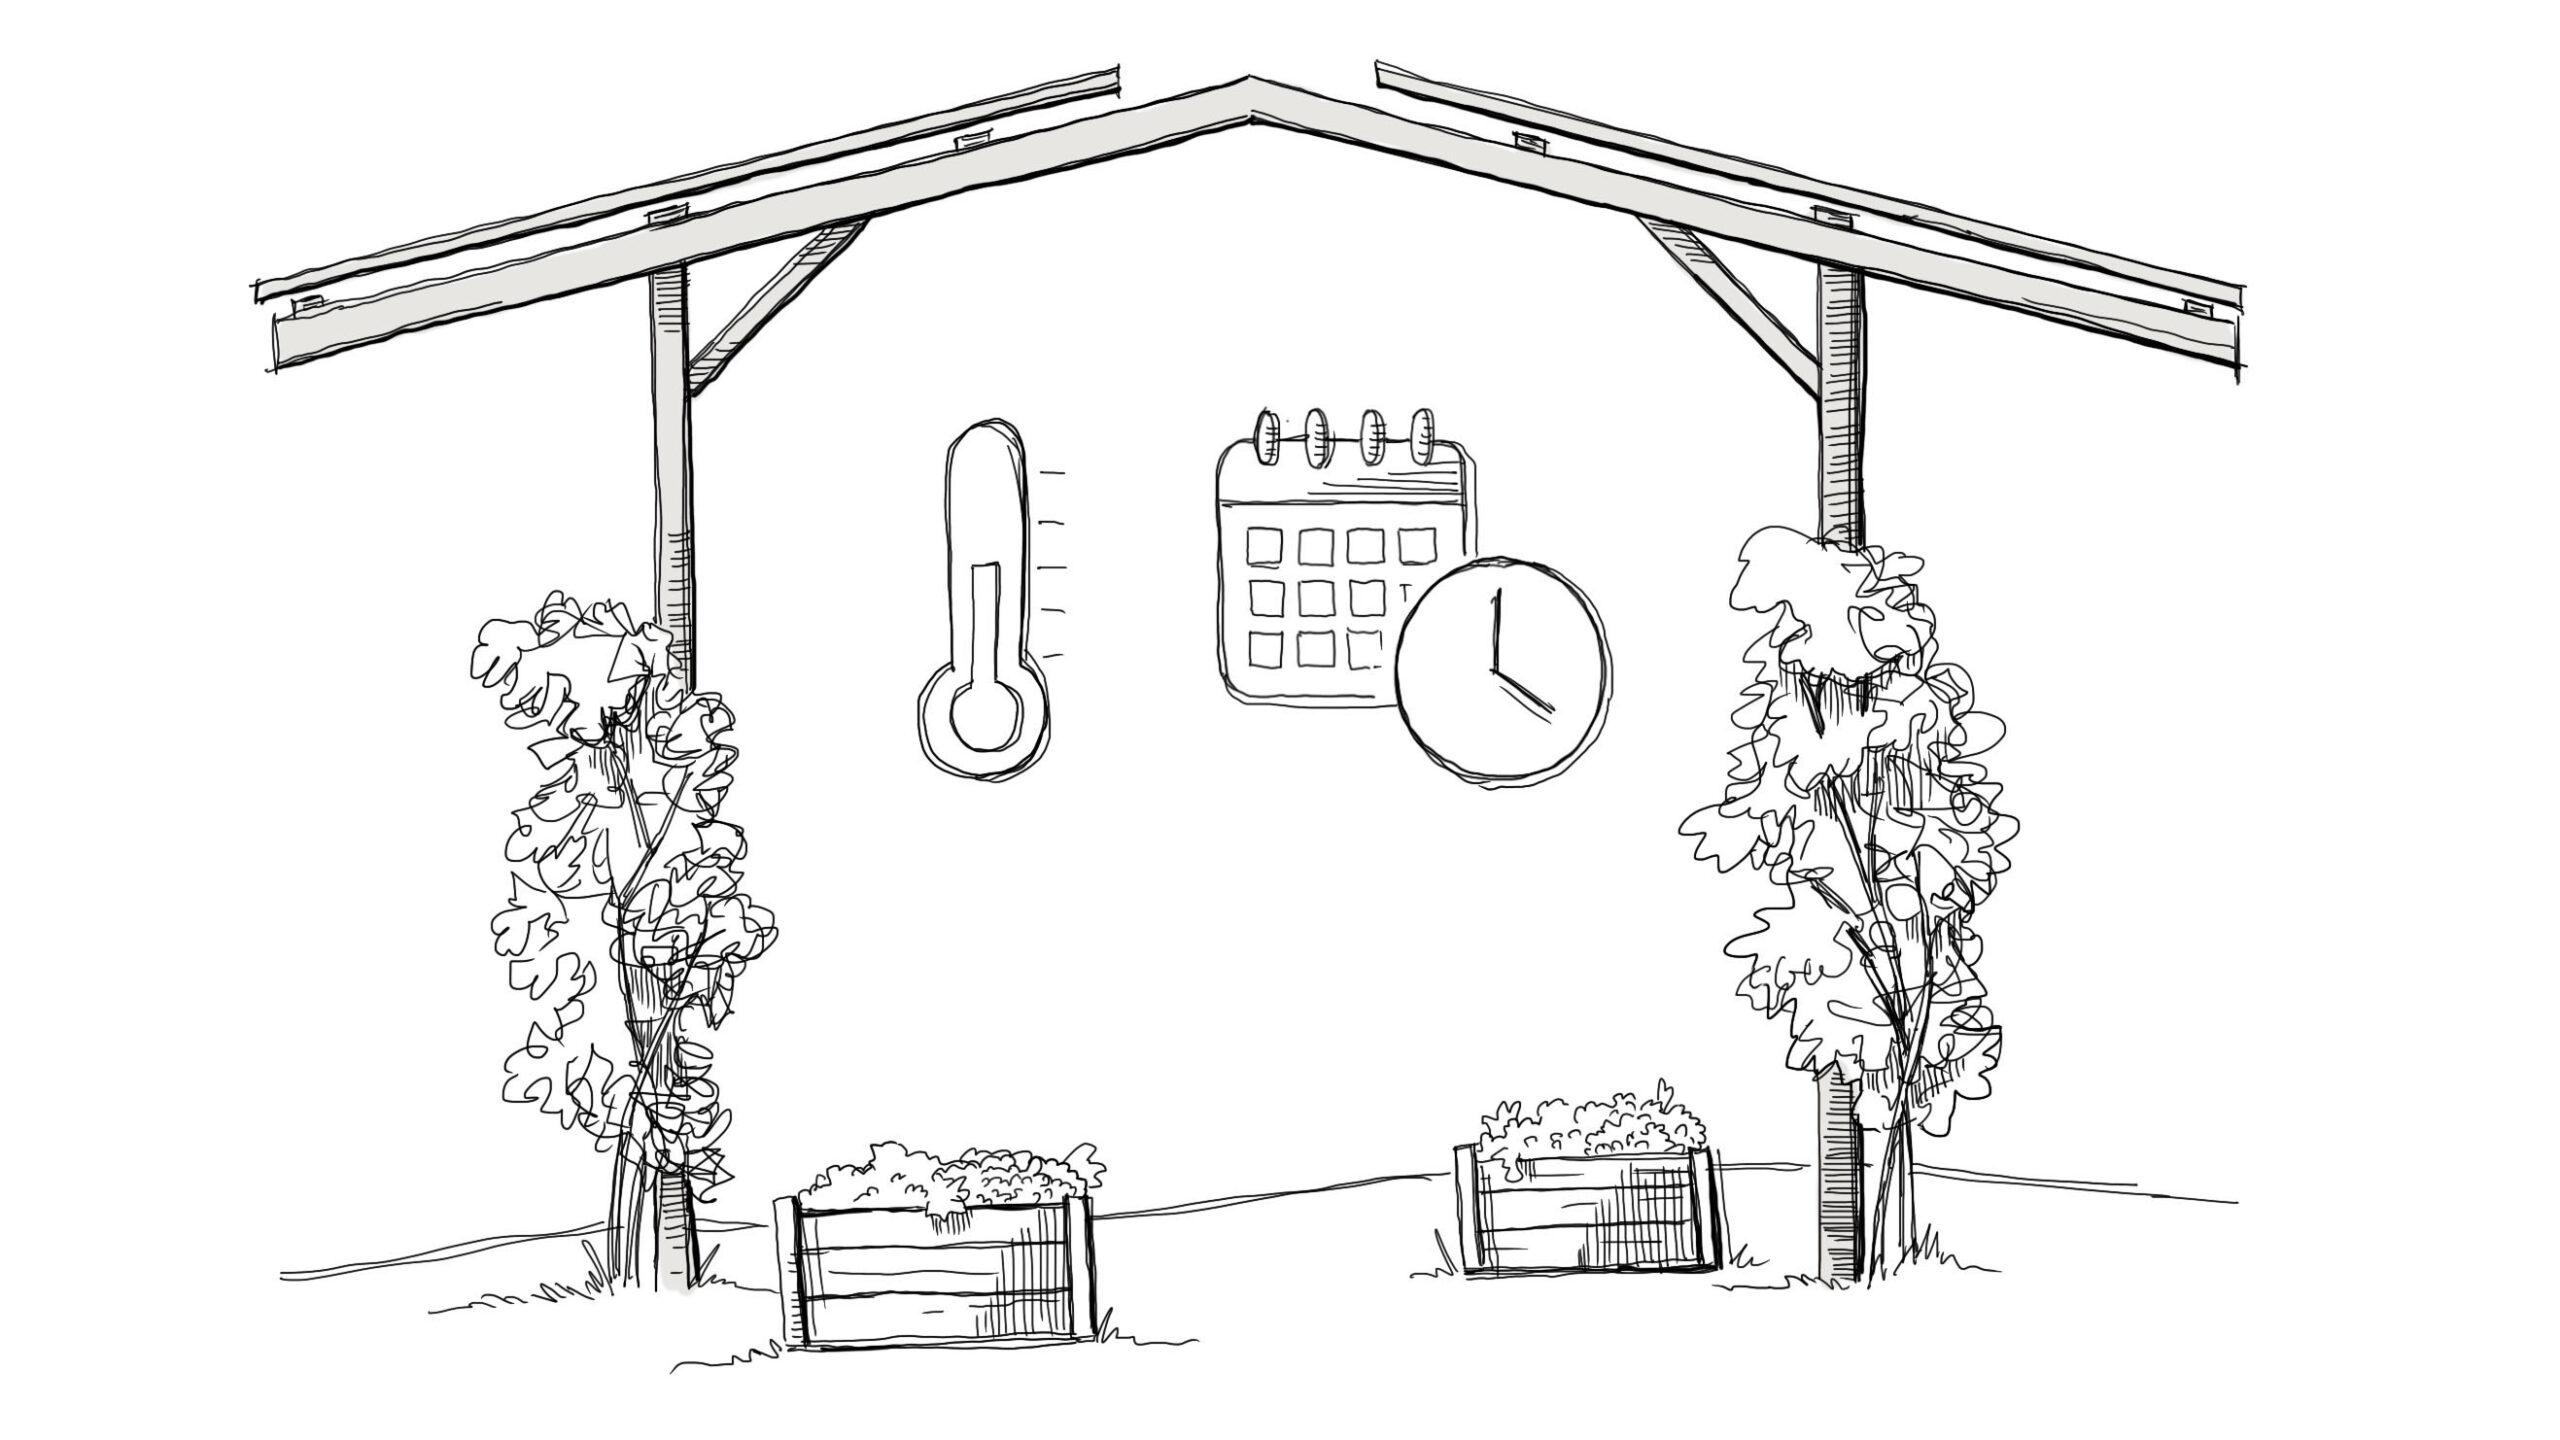 Vorteile Agri PV Solardach über Agrarfläche_ERnte